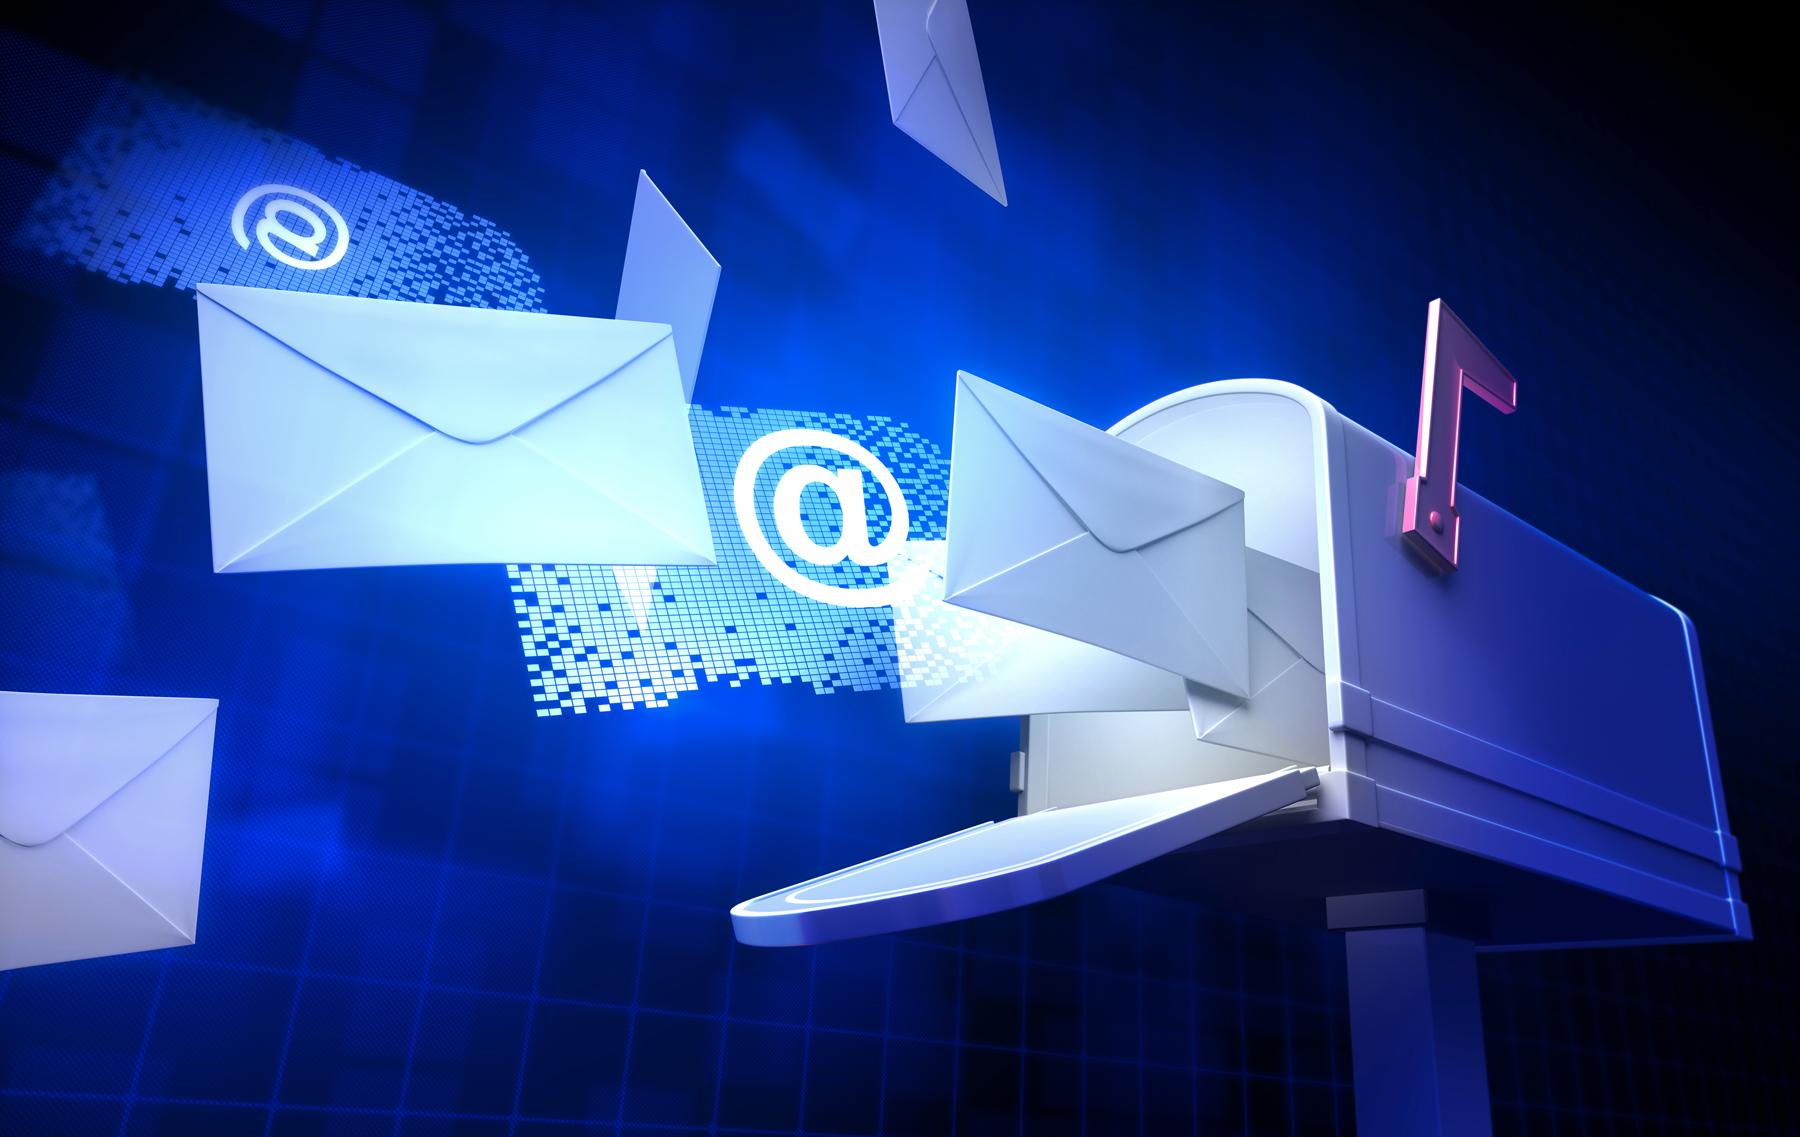 Электронная почта — большие плюсы и маленький минус